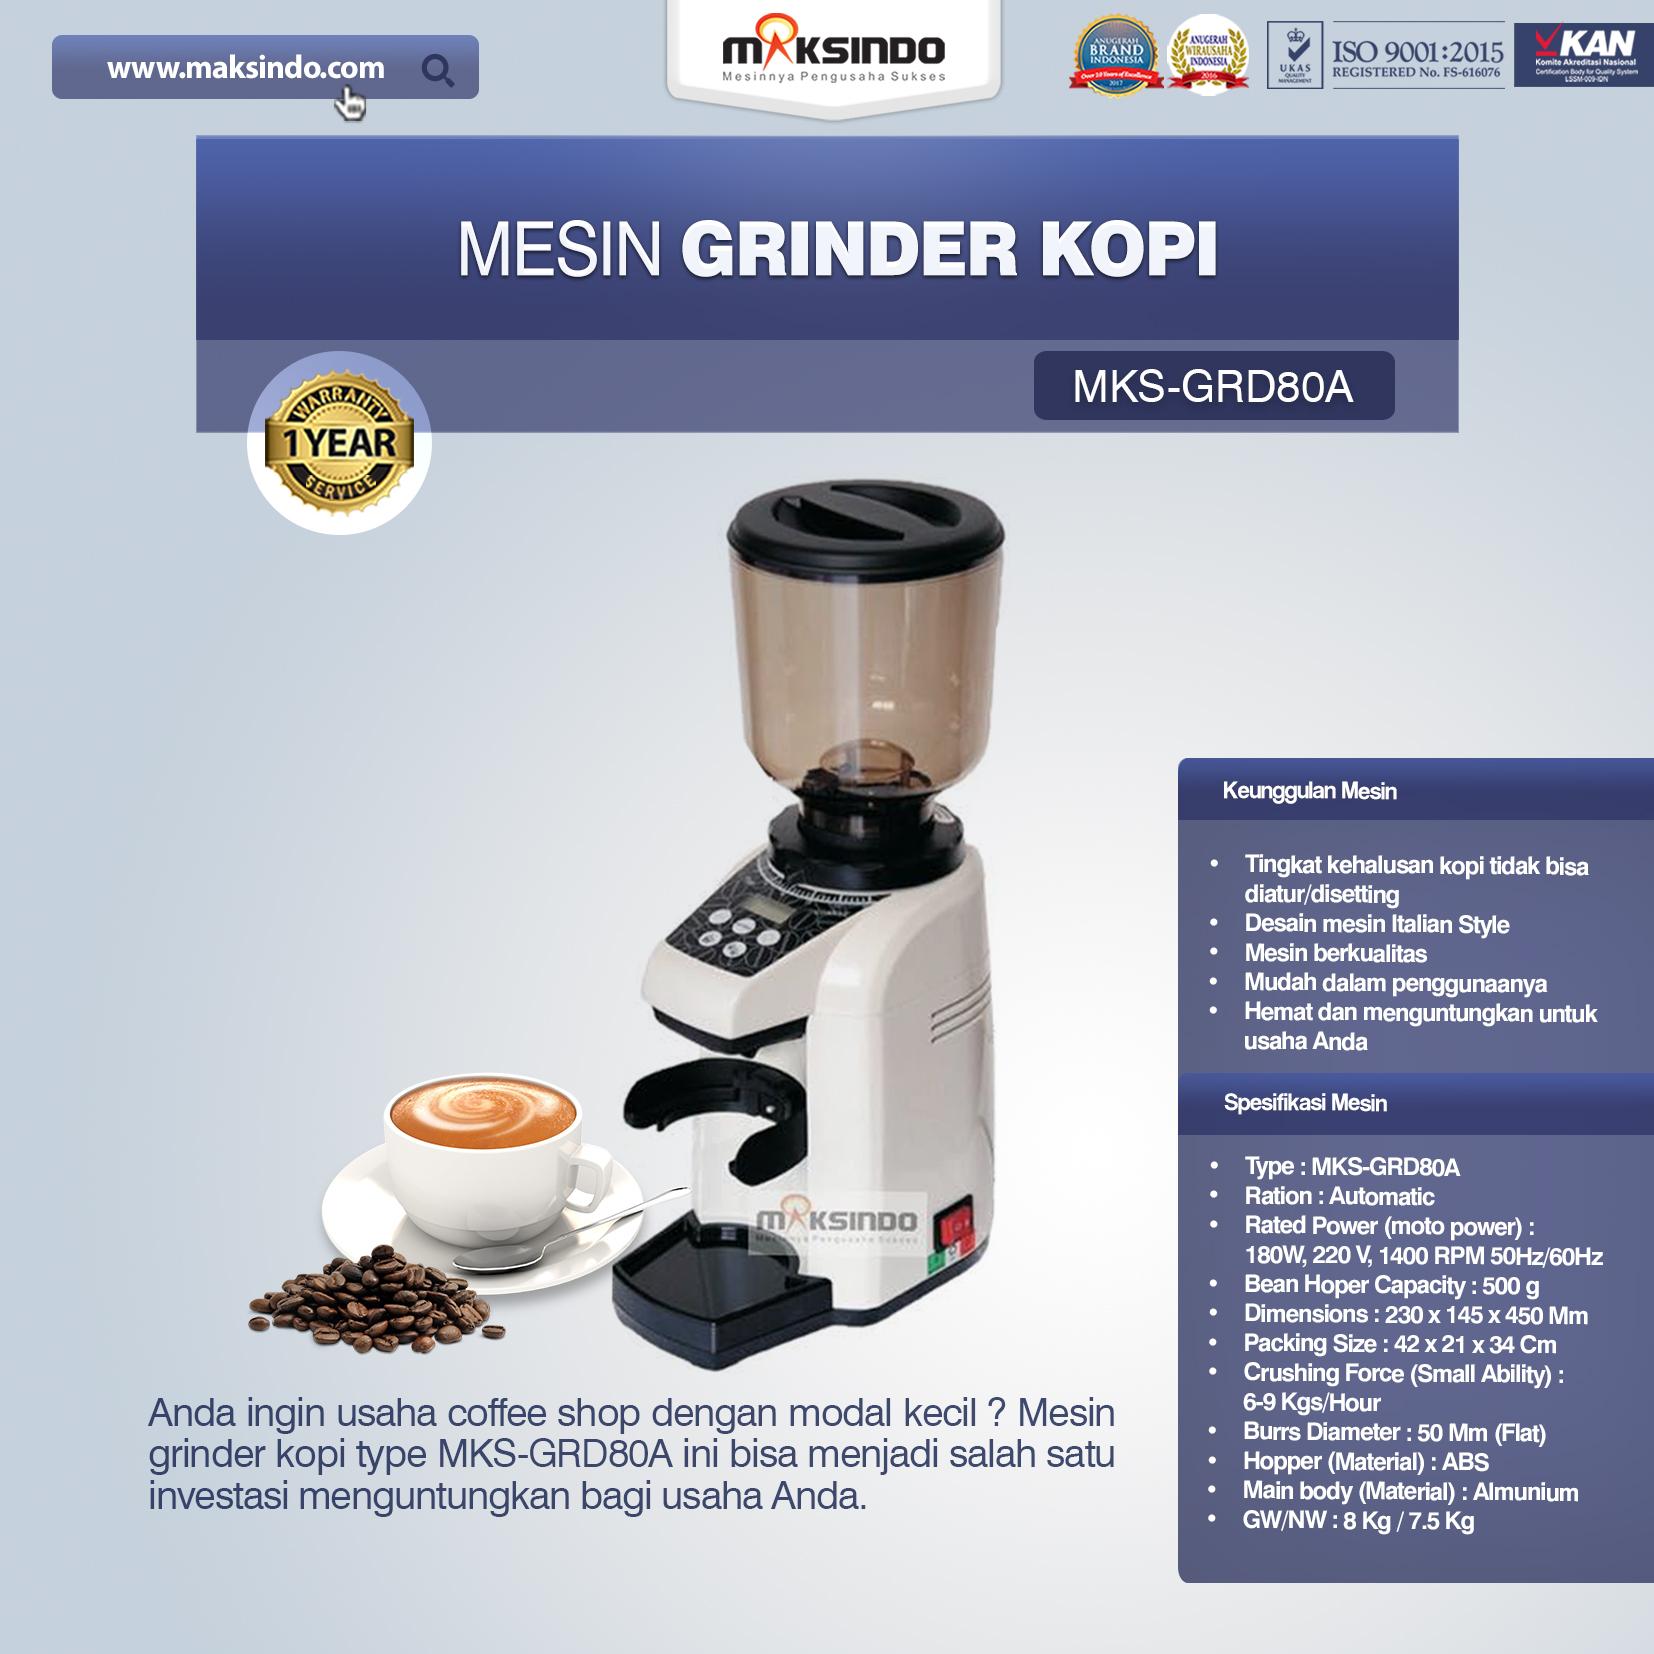 Jual Mesin Grinder Kopi (MKS-GRD80A) di Bandung